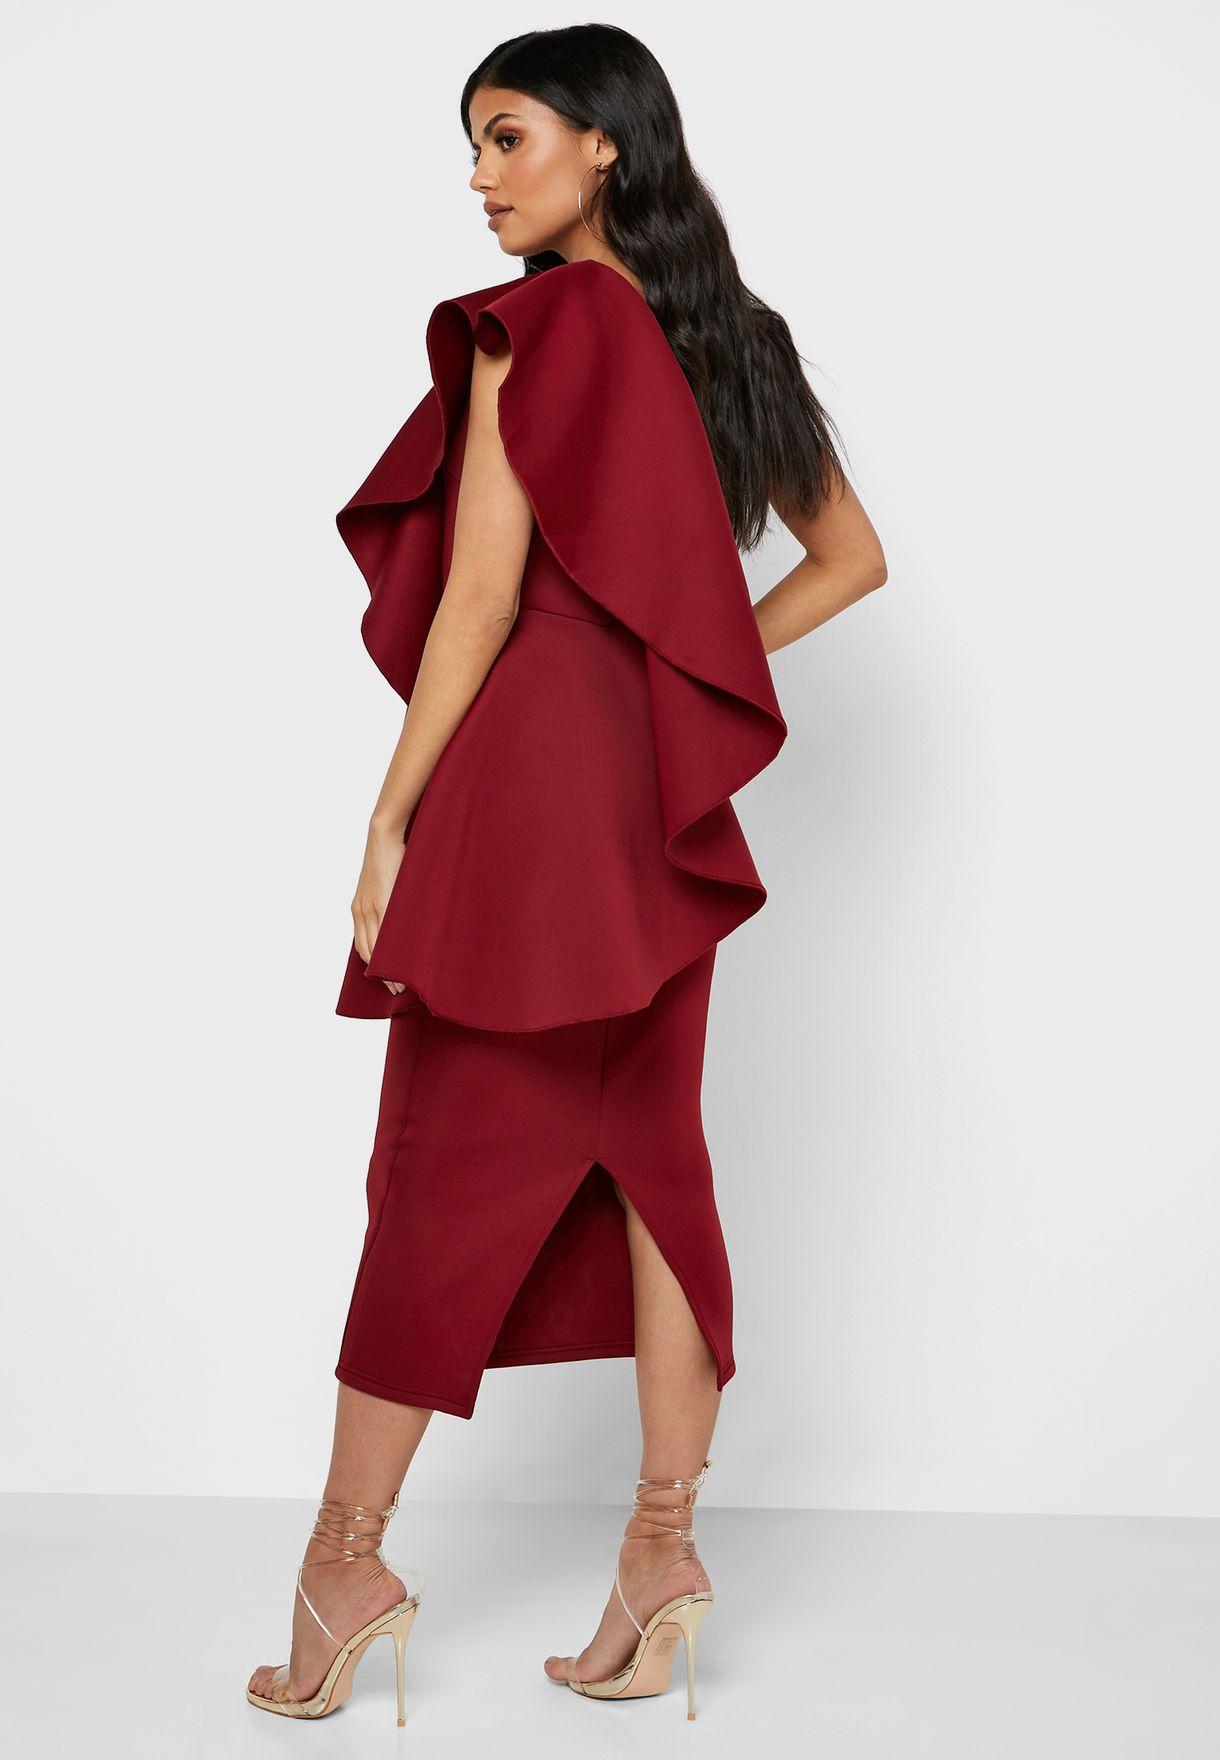 فستان بكم واحد واطراف مكشكشة